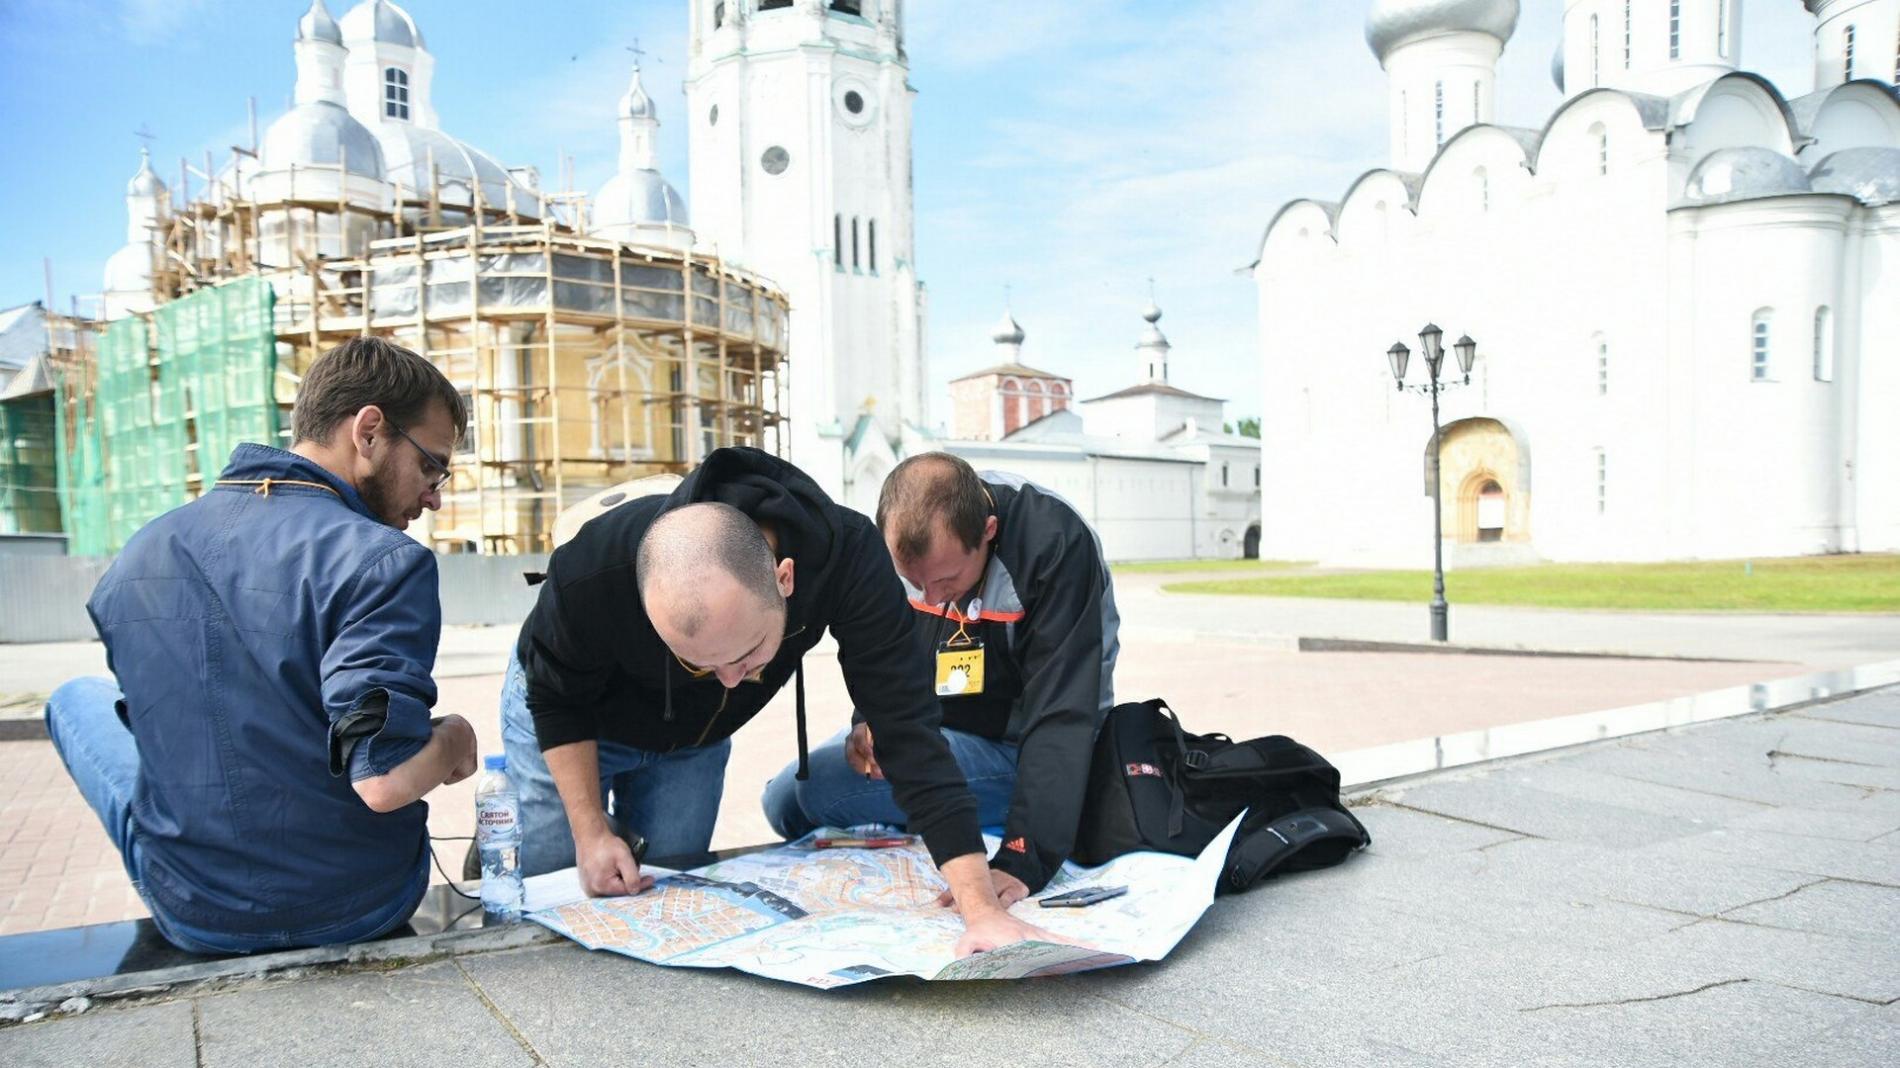 Более 300 команд приняли участие в международном квесте в Вологде